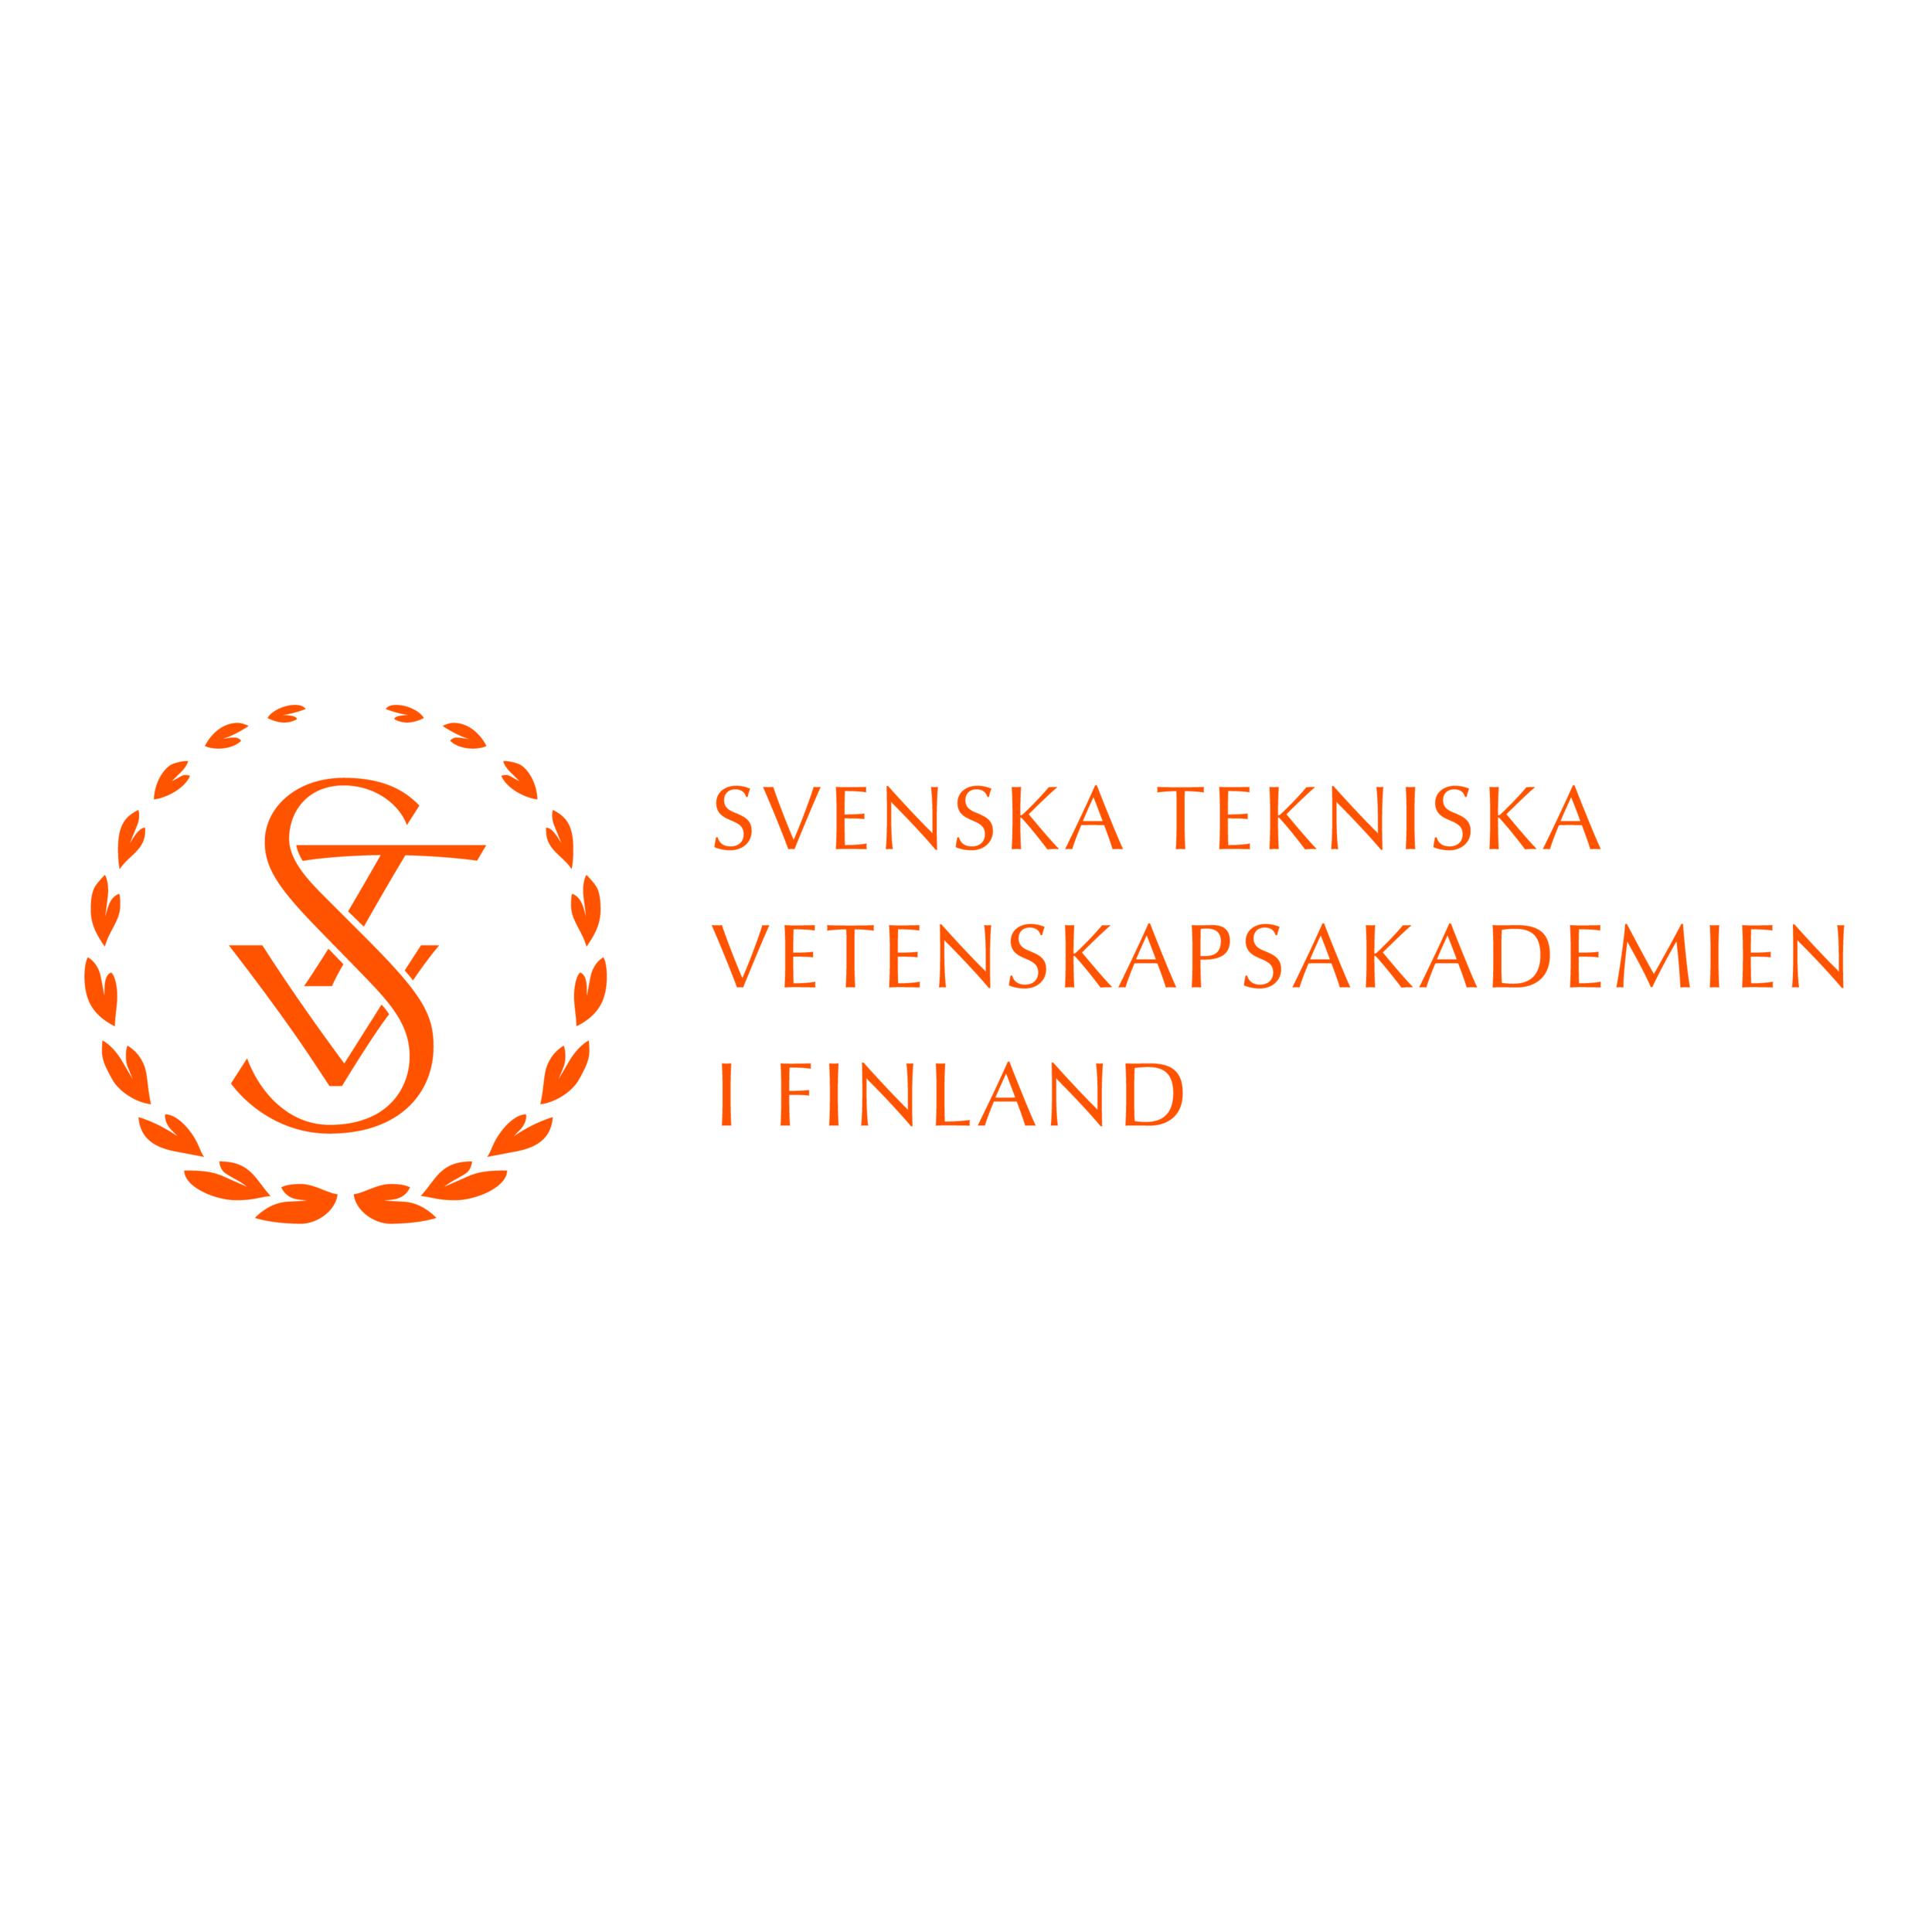 Svenska Tekniska Vetenskapsakademien i Finland